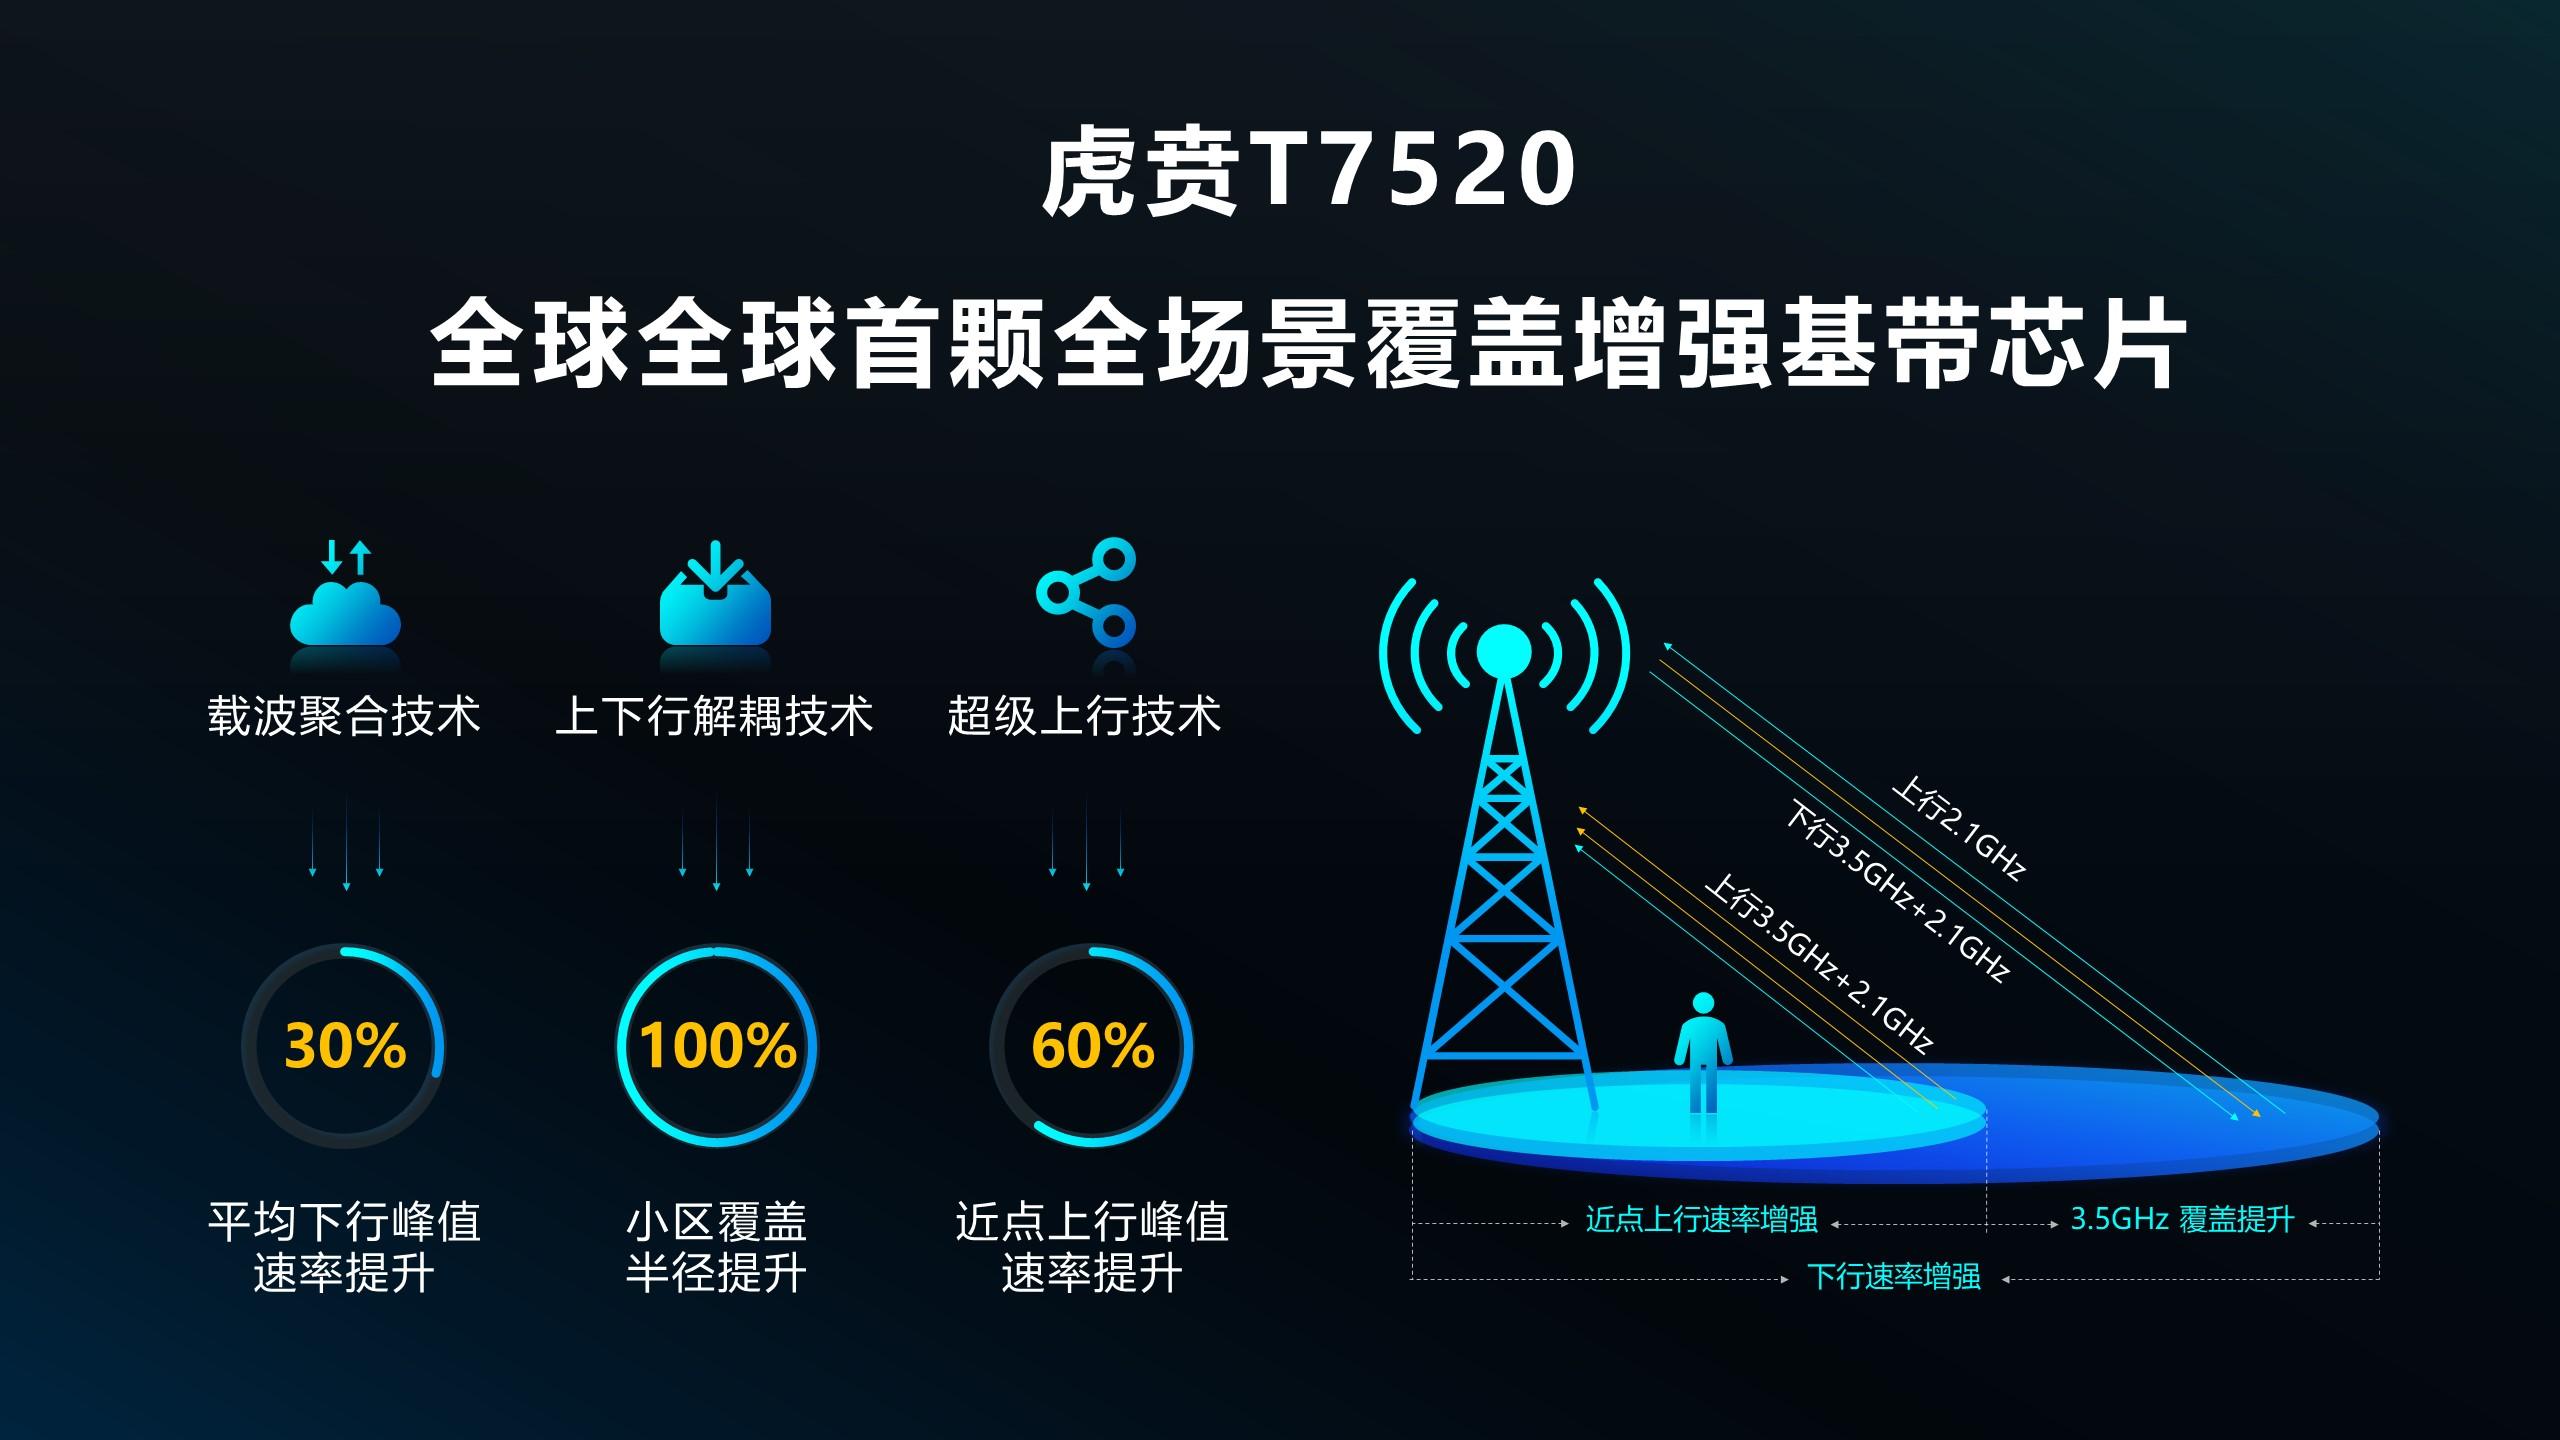 微信图片_20200226151116.jpg